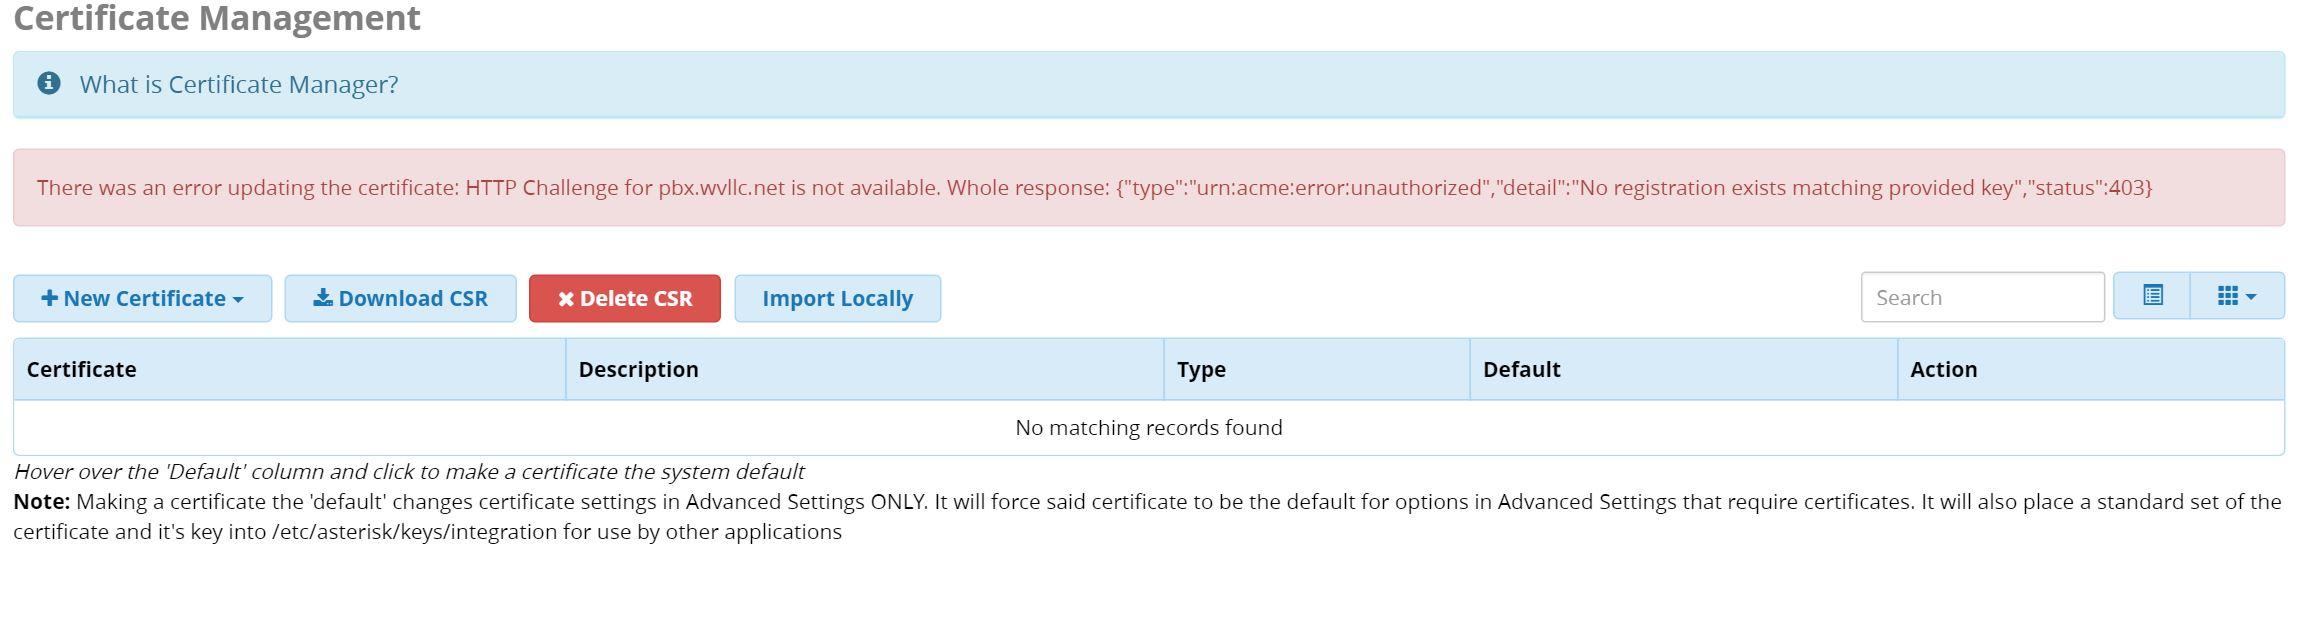 Freepbx 12925 letsencrypt cert generation fails sangoma issue captureg 1betcityfo Images